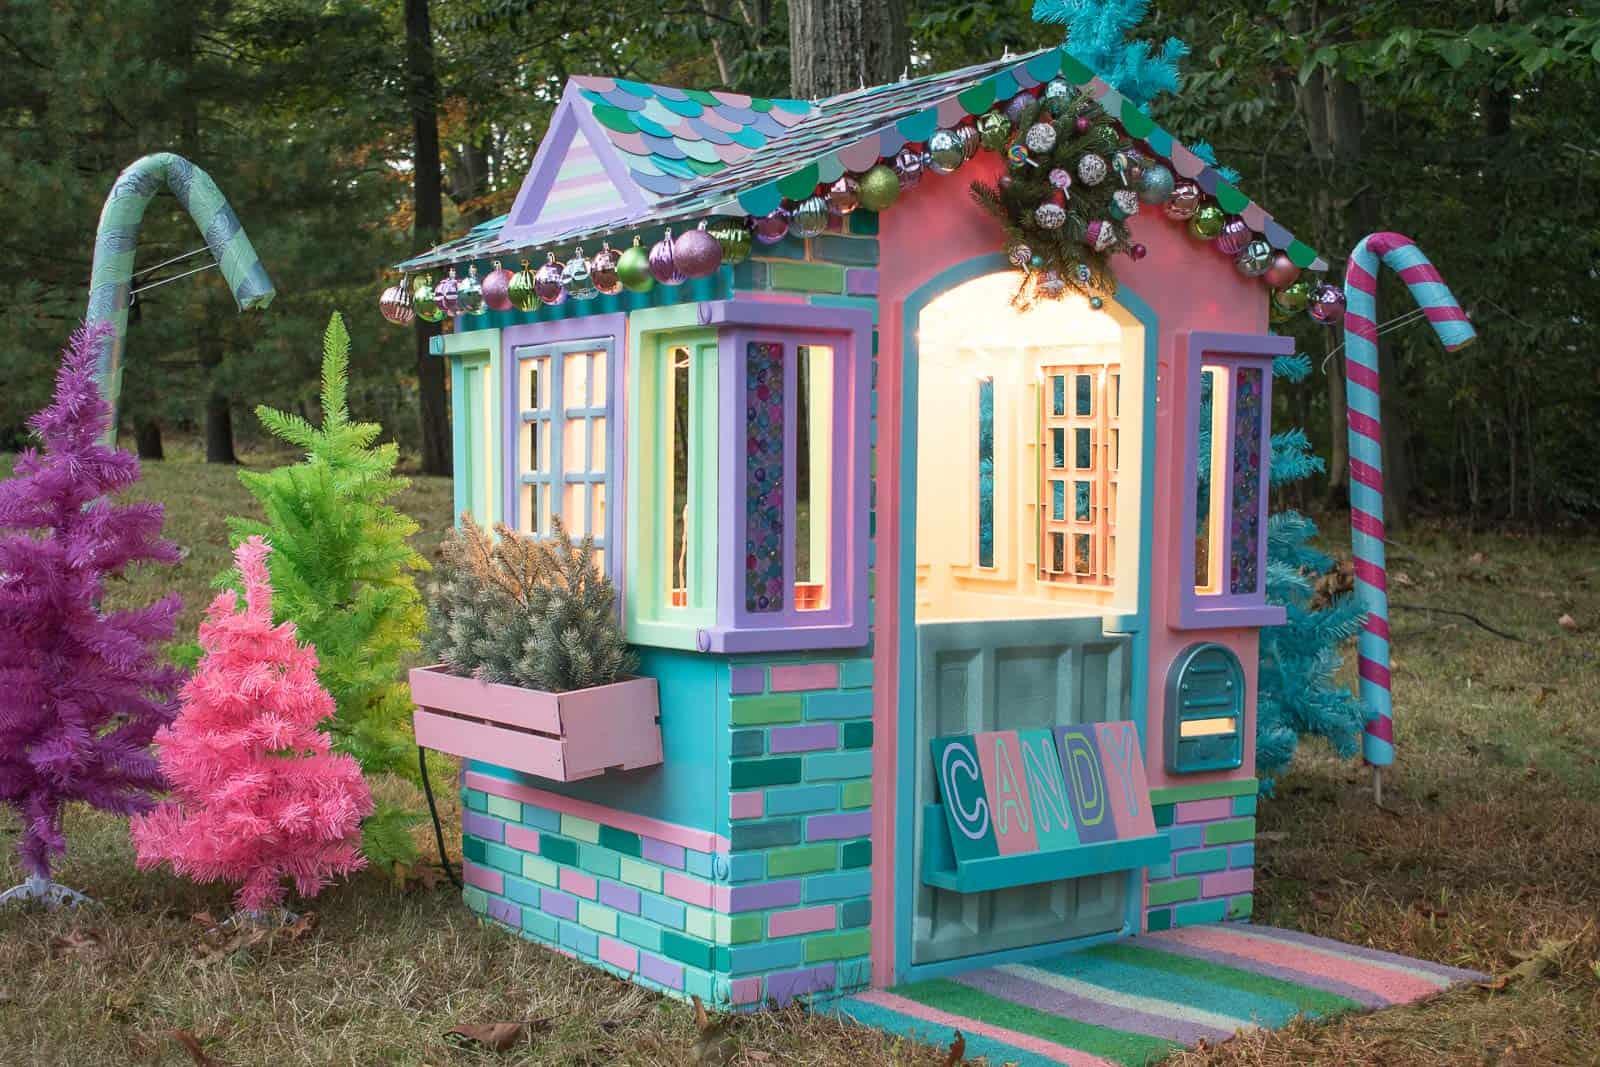 christmas playhouse at night